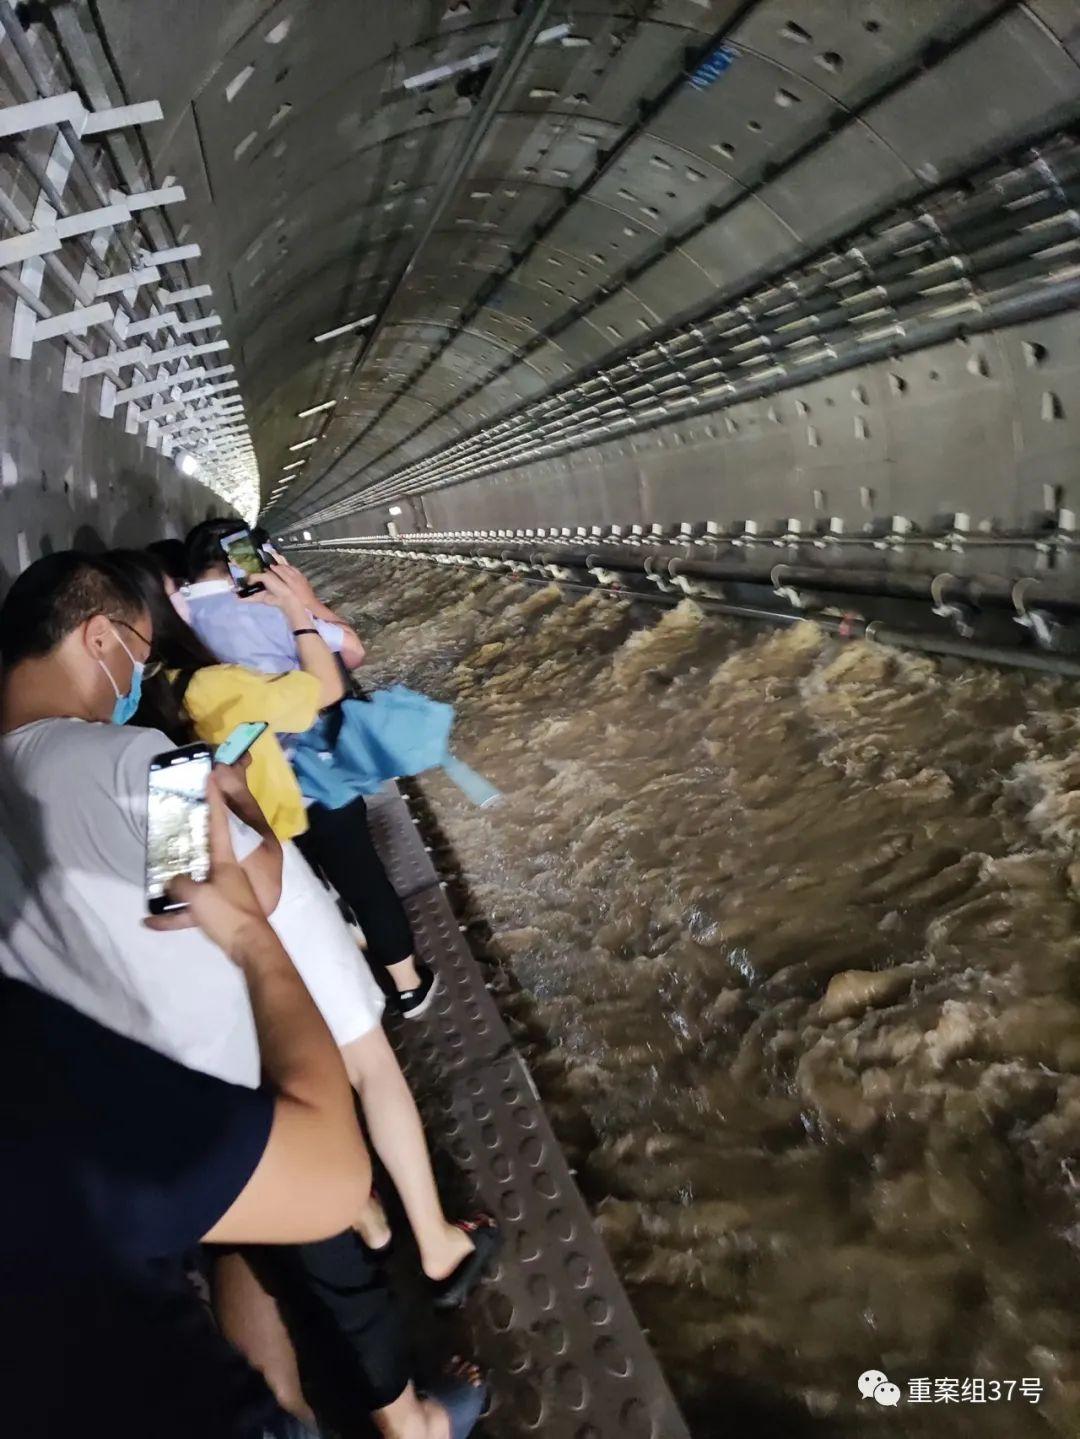 郑州地铁5号线:12位遇难者永远停在了这一夜